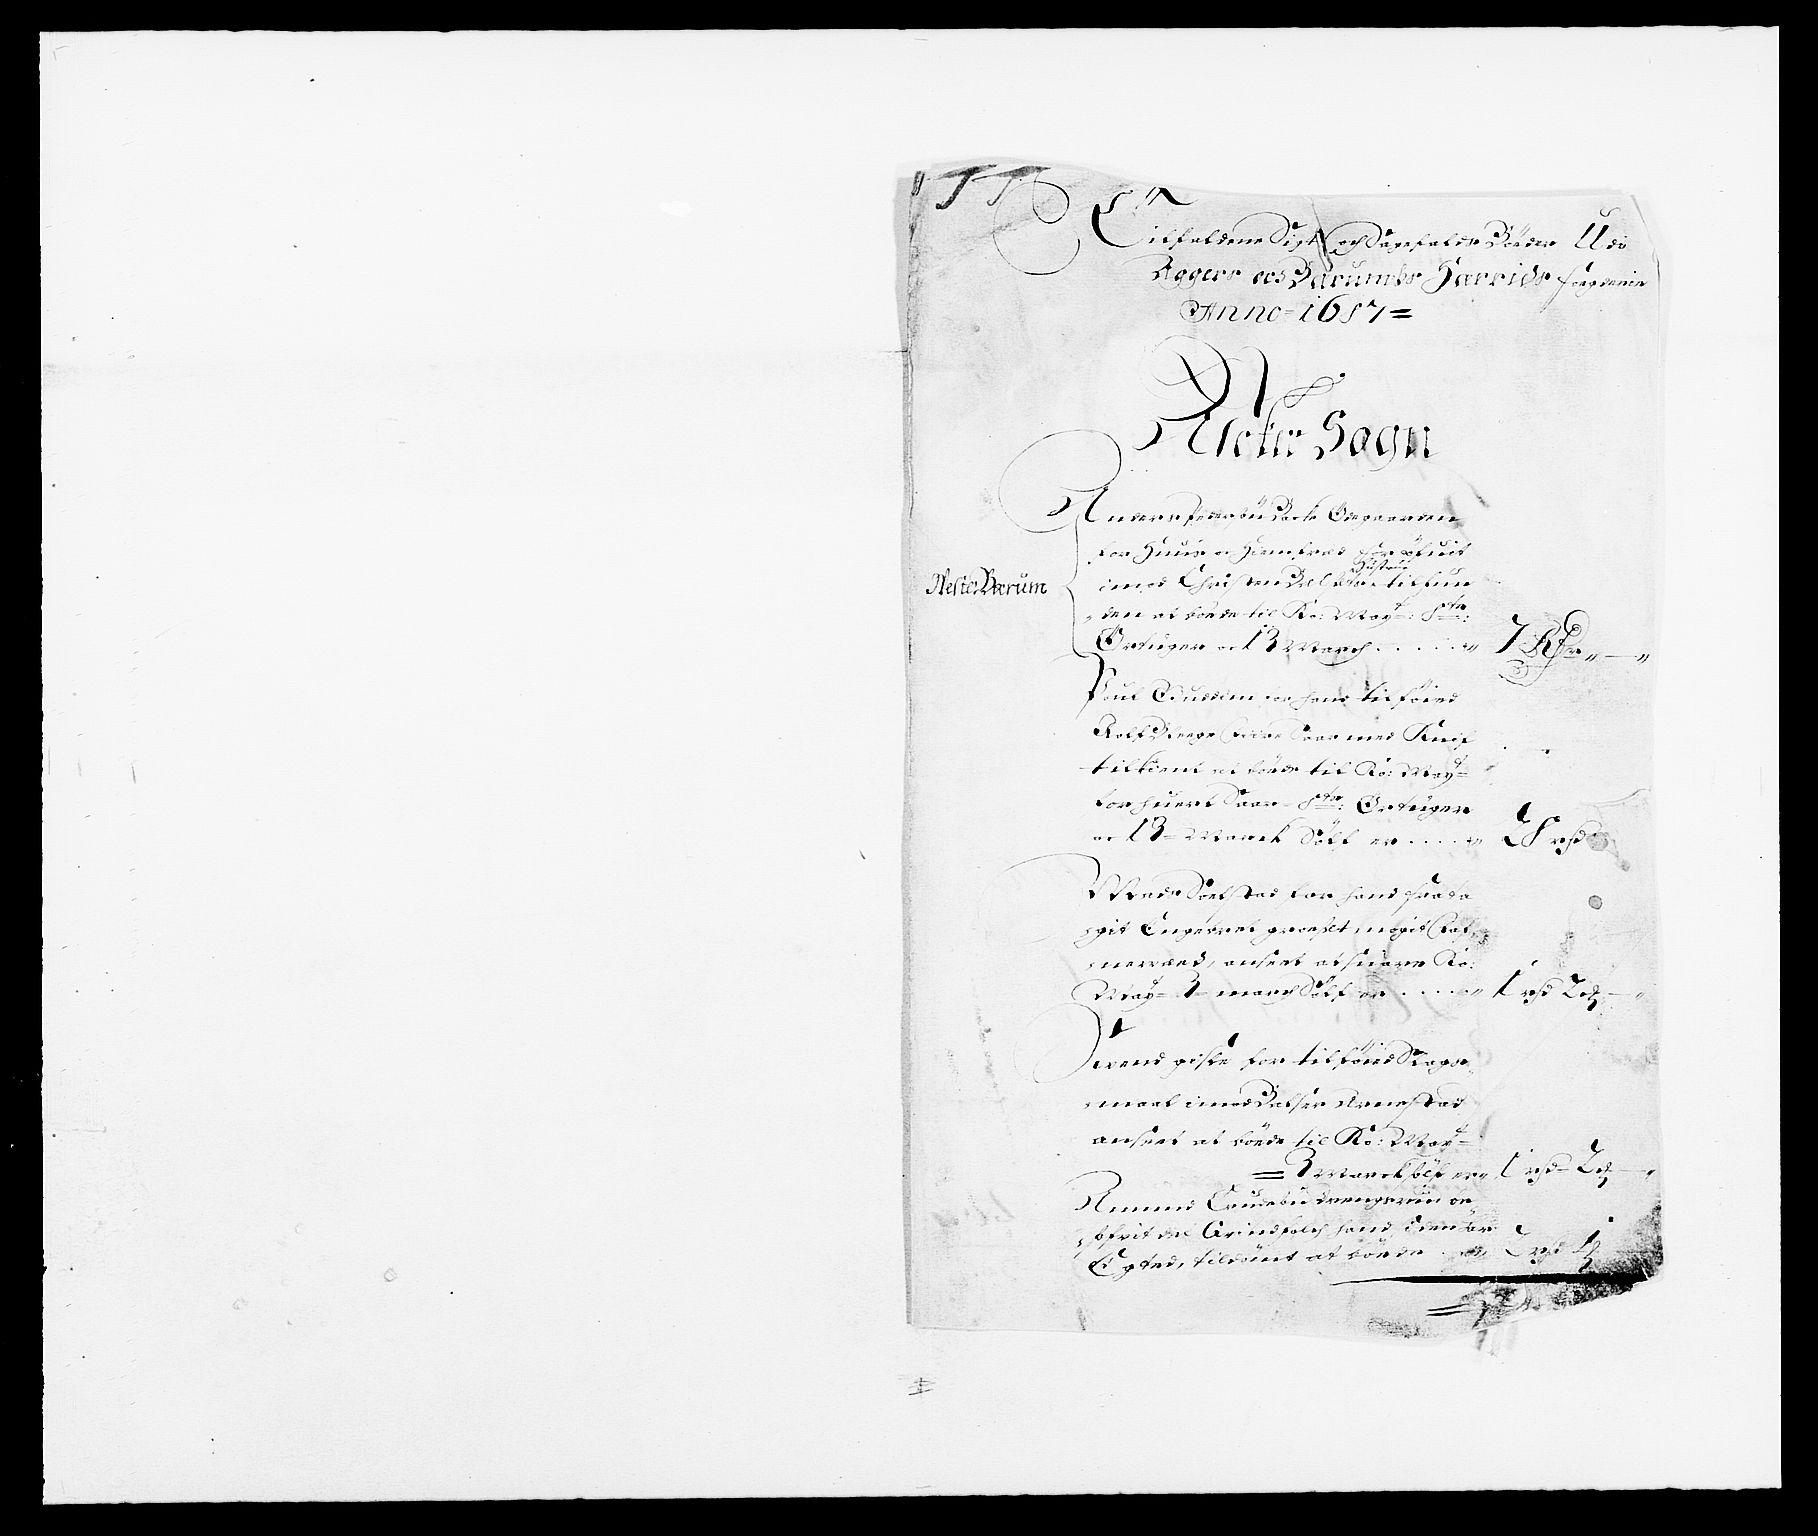 RA, Rentekammeret inntil 1814, Reviderte regnskaper, Fogderegnskap, R08/L0422: Fogderegnskap Aker, 1684-1686, s. 157